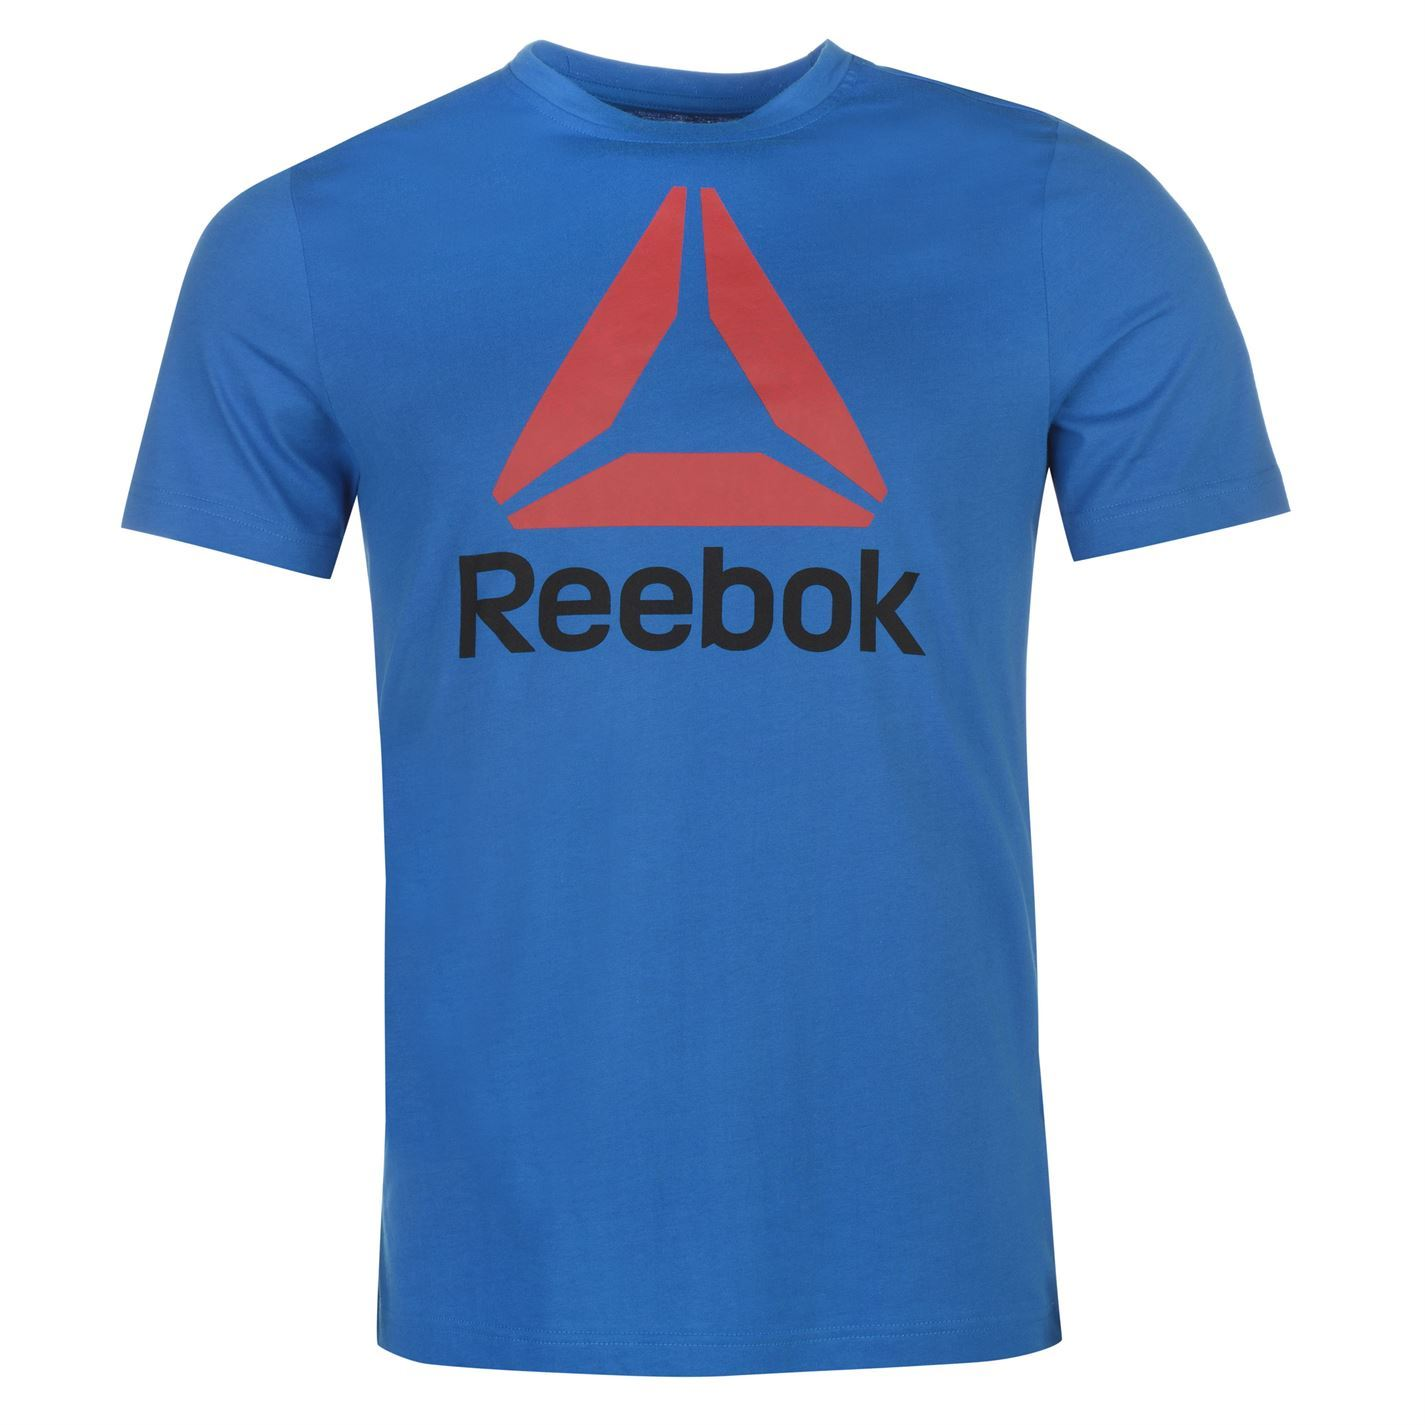 Reebok-Stack-Delta-Logo-T-Shirt-Mens-Tee-Shirt-Top thumbnail 8